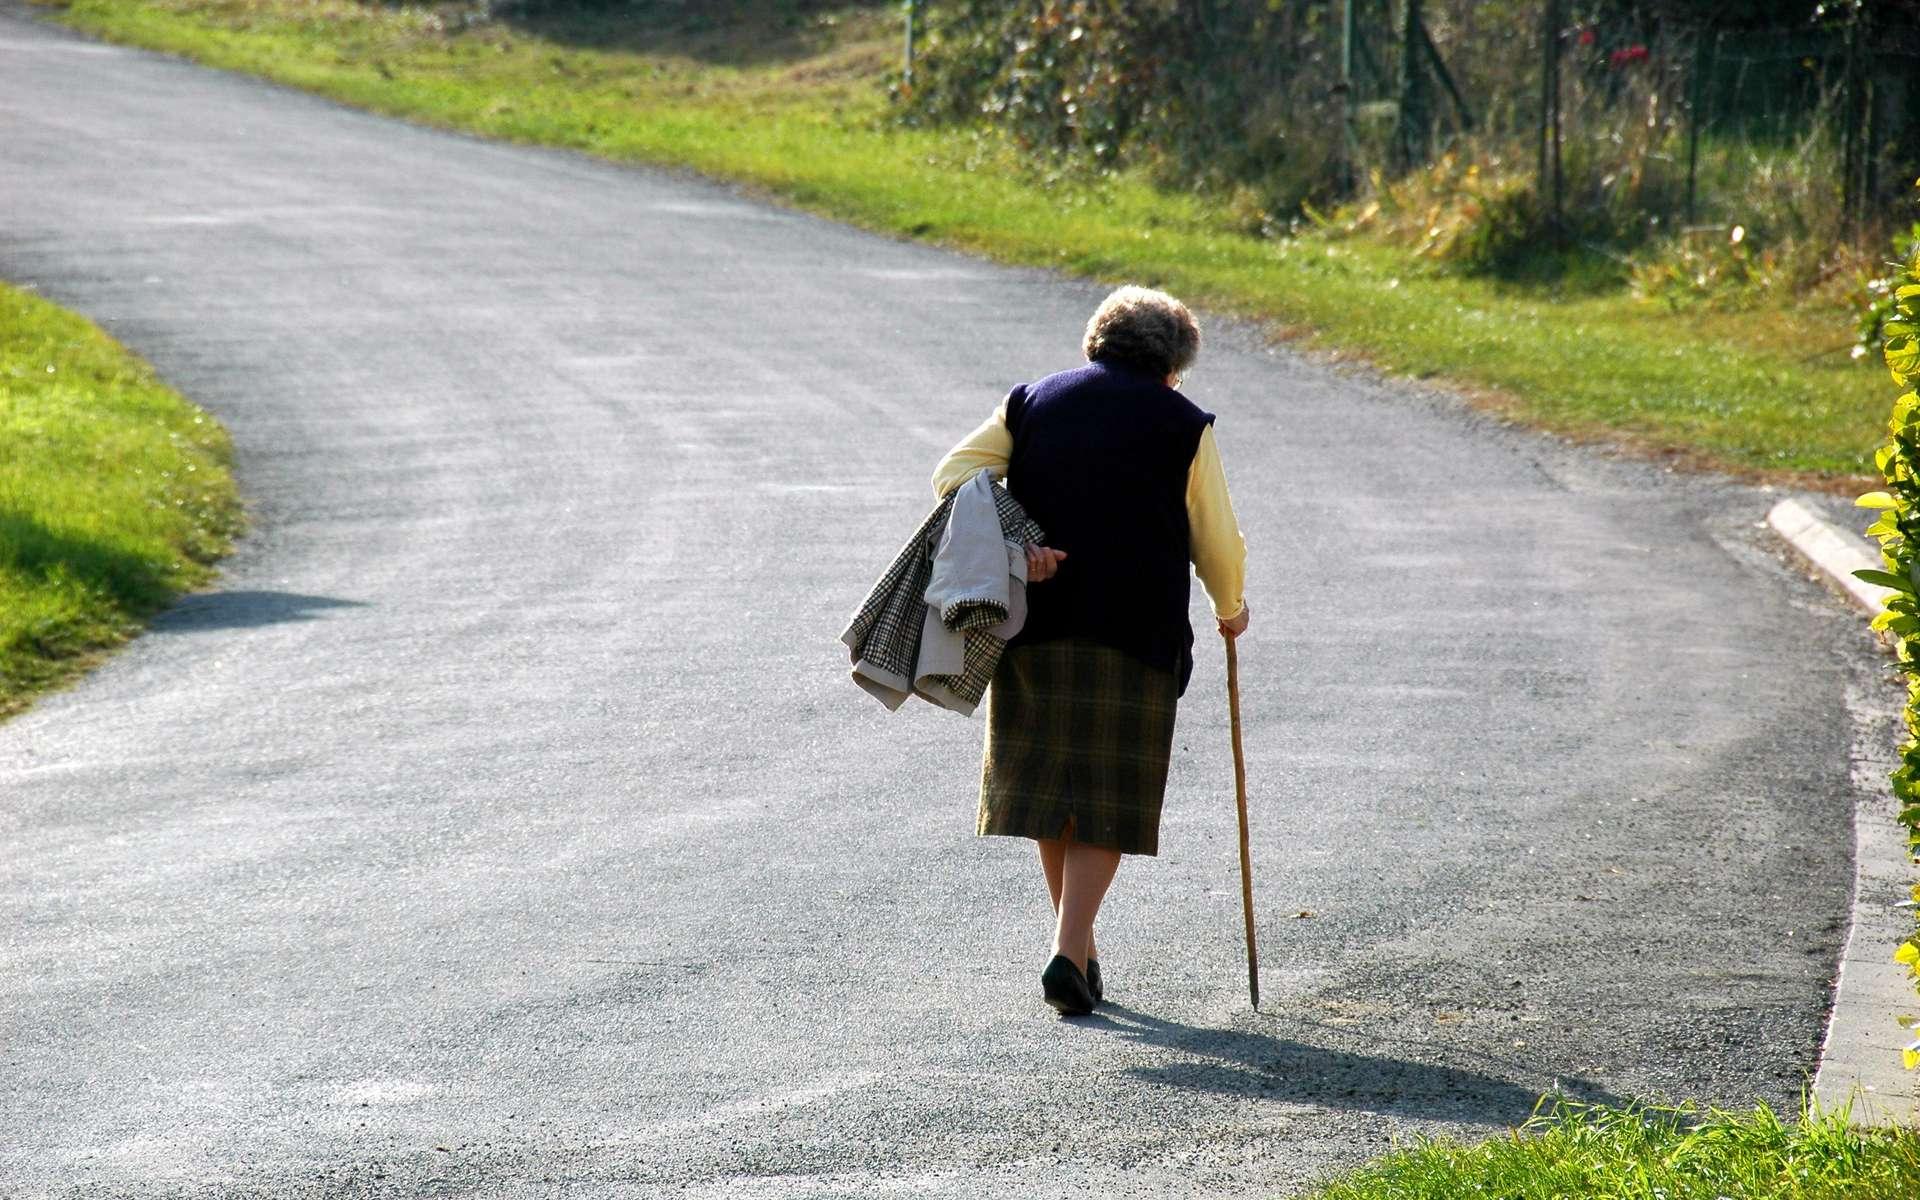 Le mal de dos est souvent dû à l'usure des disques intervertébraux avec l'âge. © Sekundo, Flickr, CC by-nc-nd 2.0